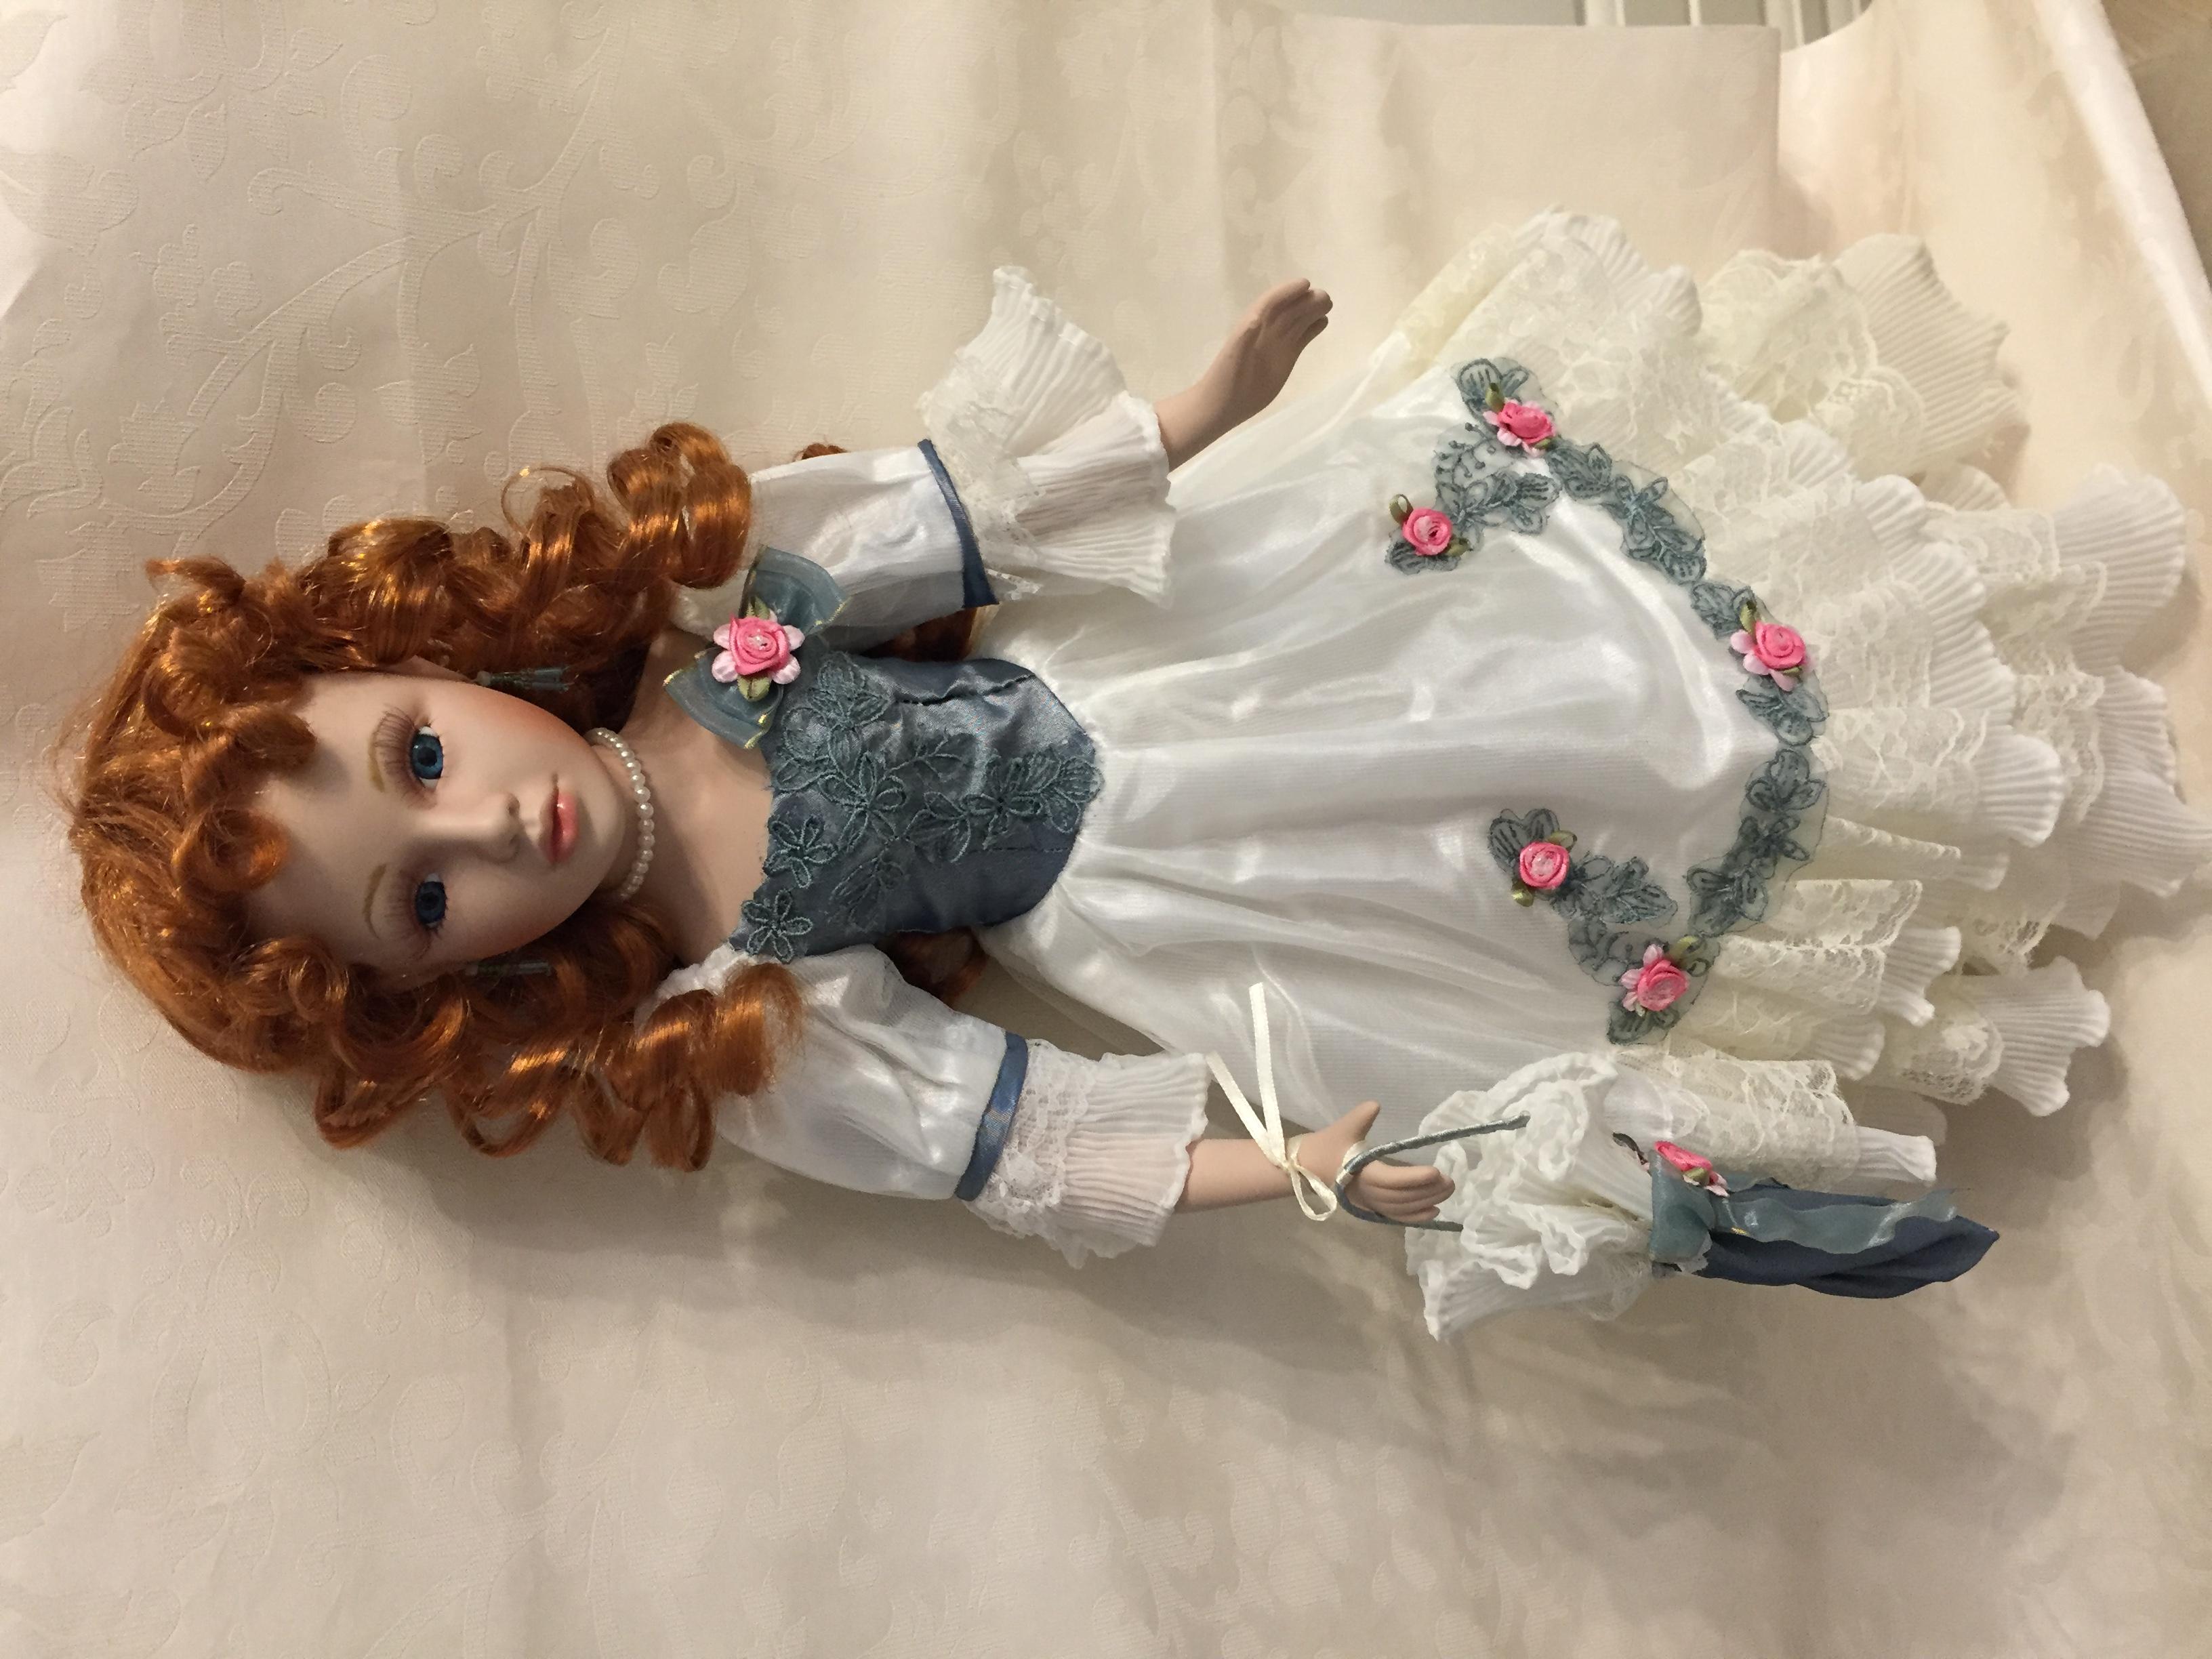 Коллекционная кукла своими руками. Фото №5